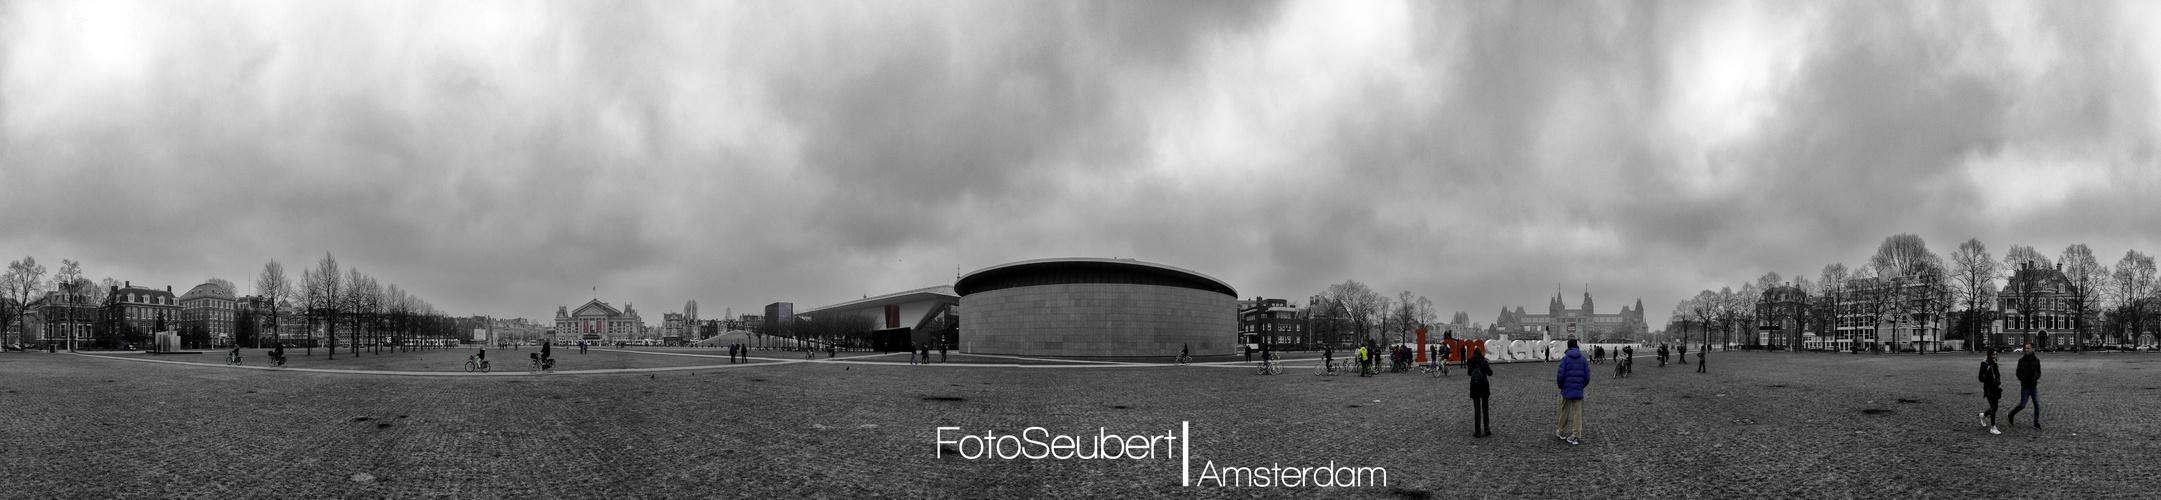 Amsterdam 360° Panorama